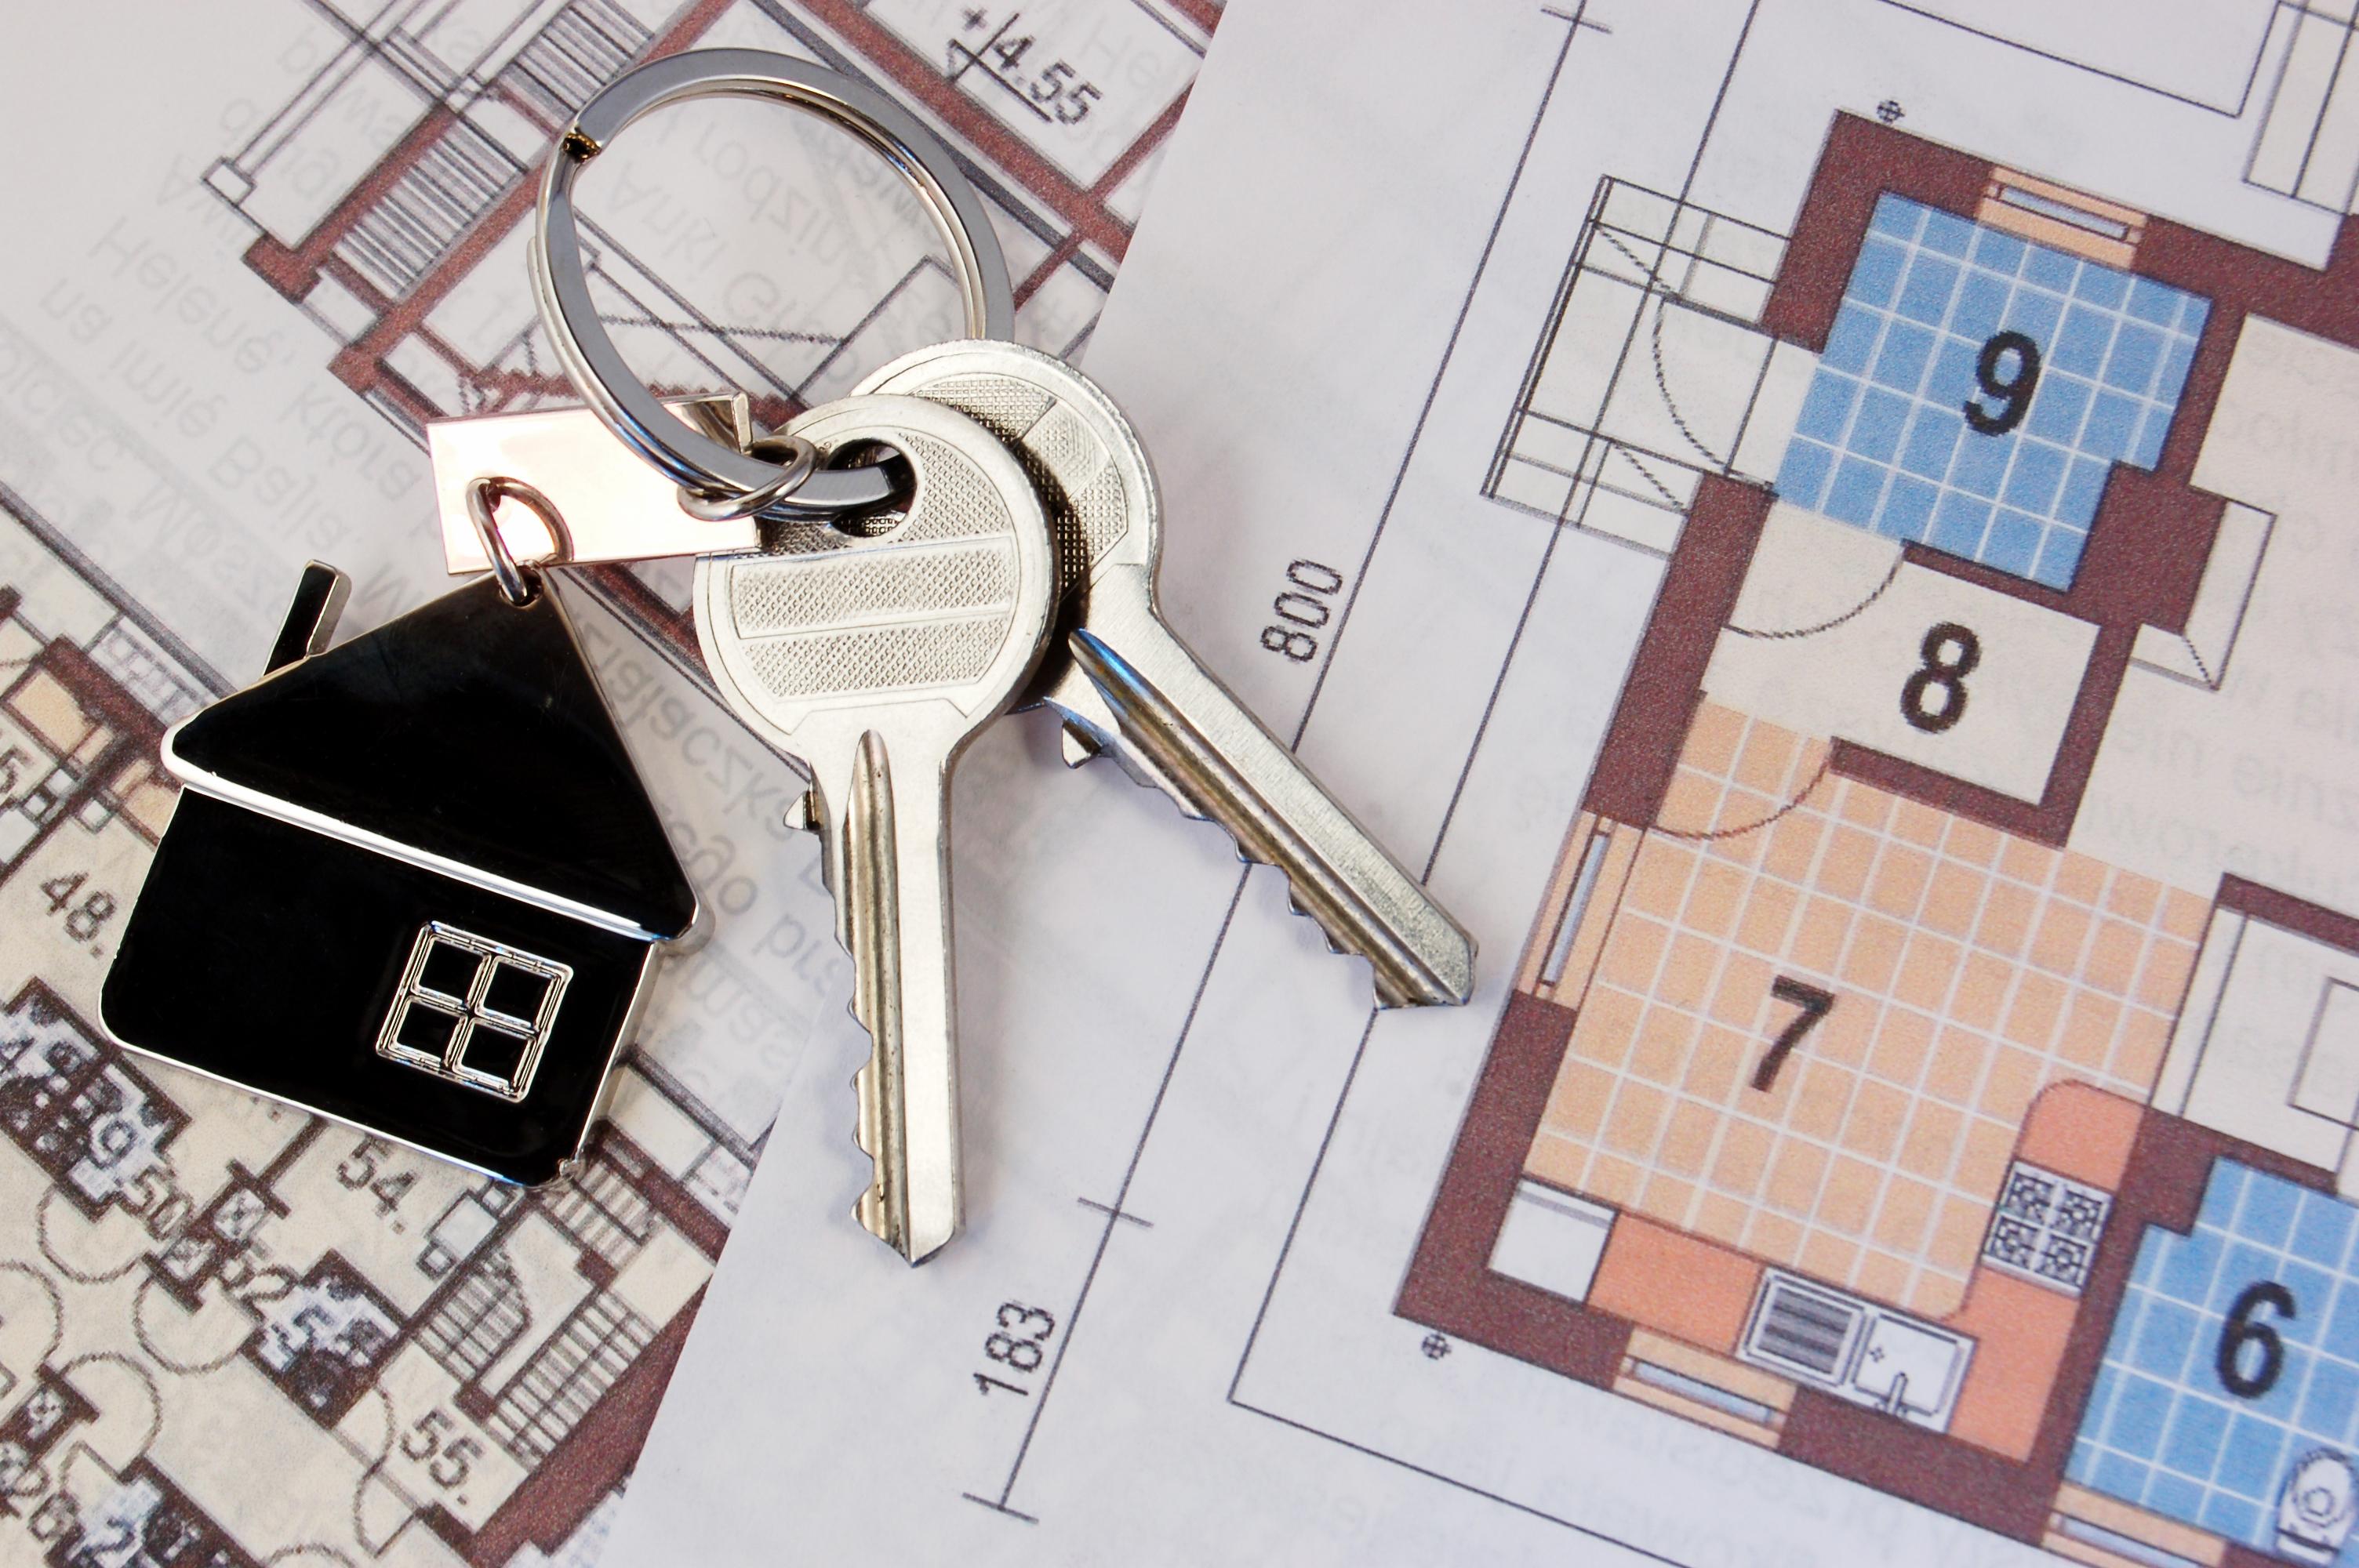 выбрался картинки для продажи ключей представлены все